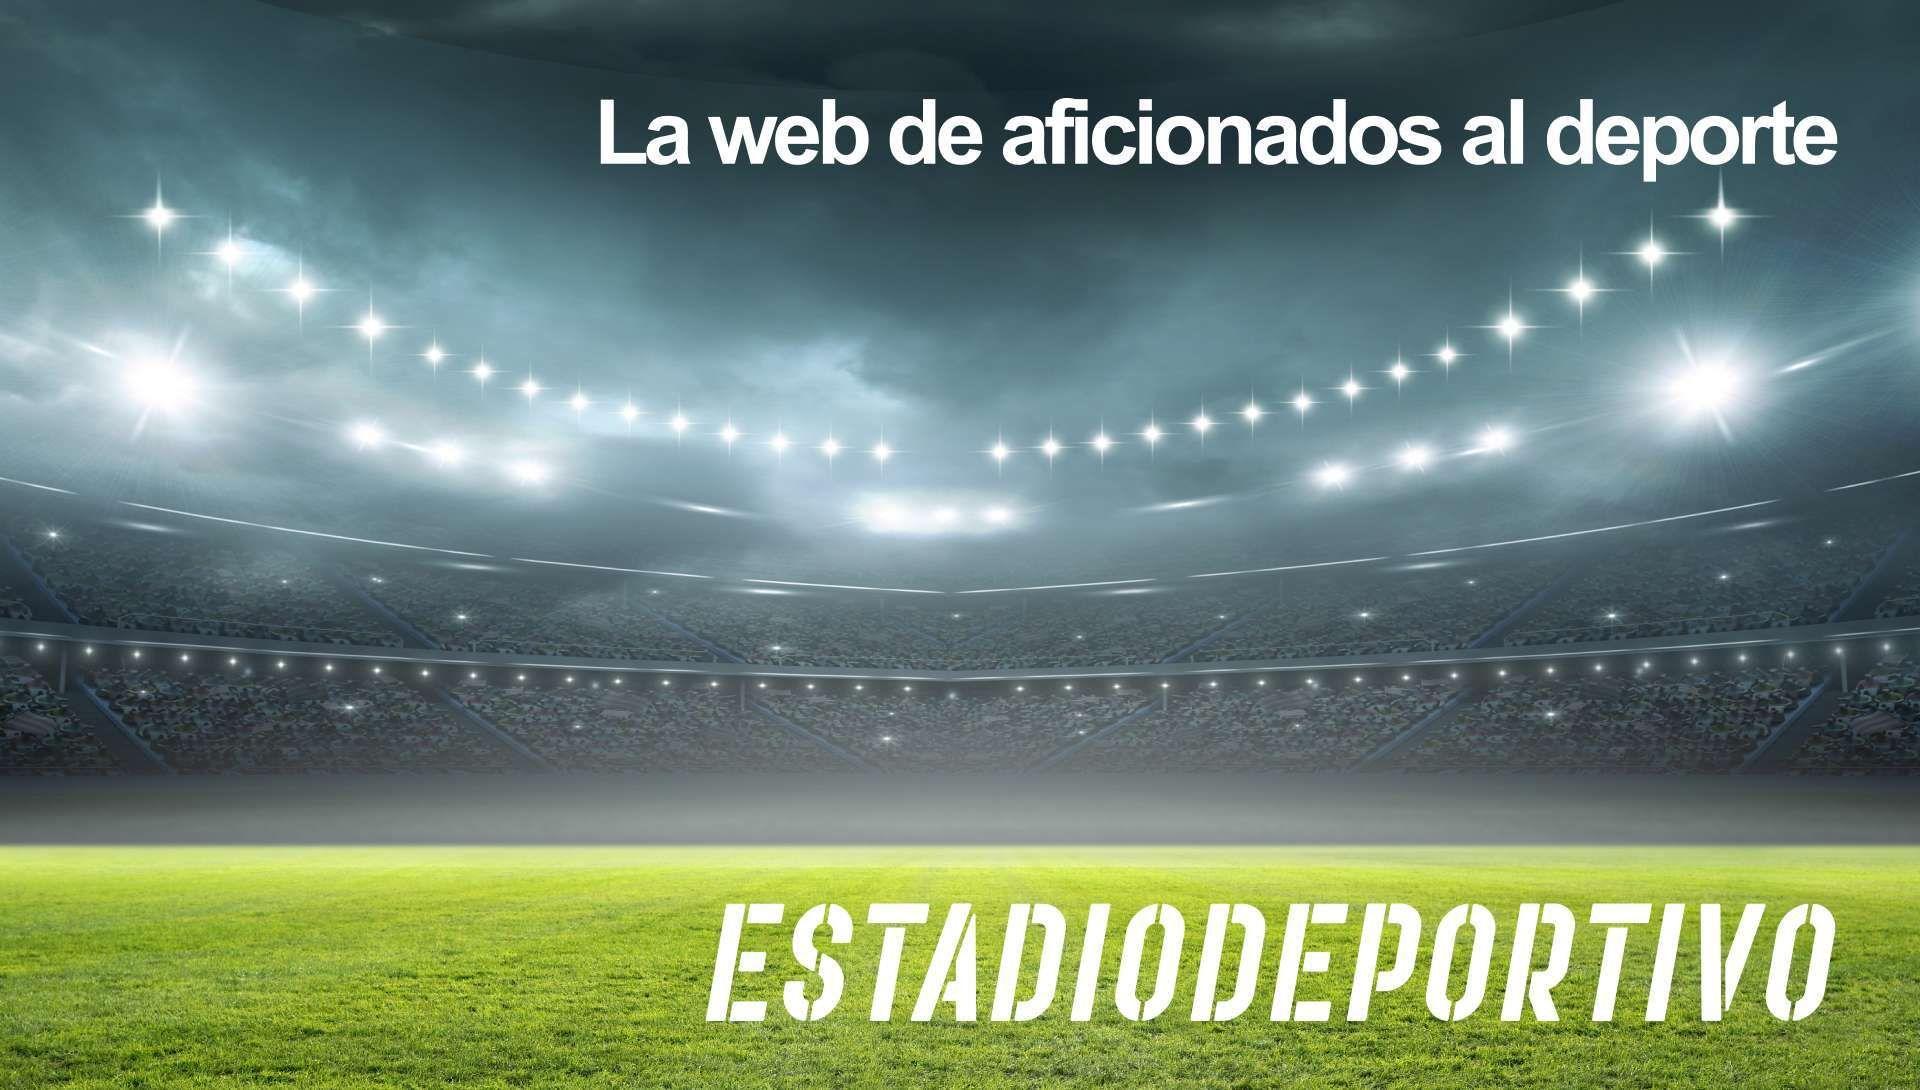 Las portadas del miércoles 21 de julio